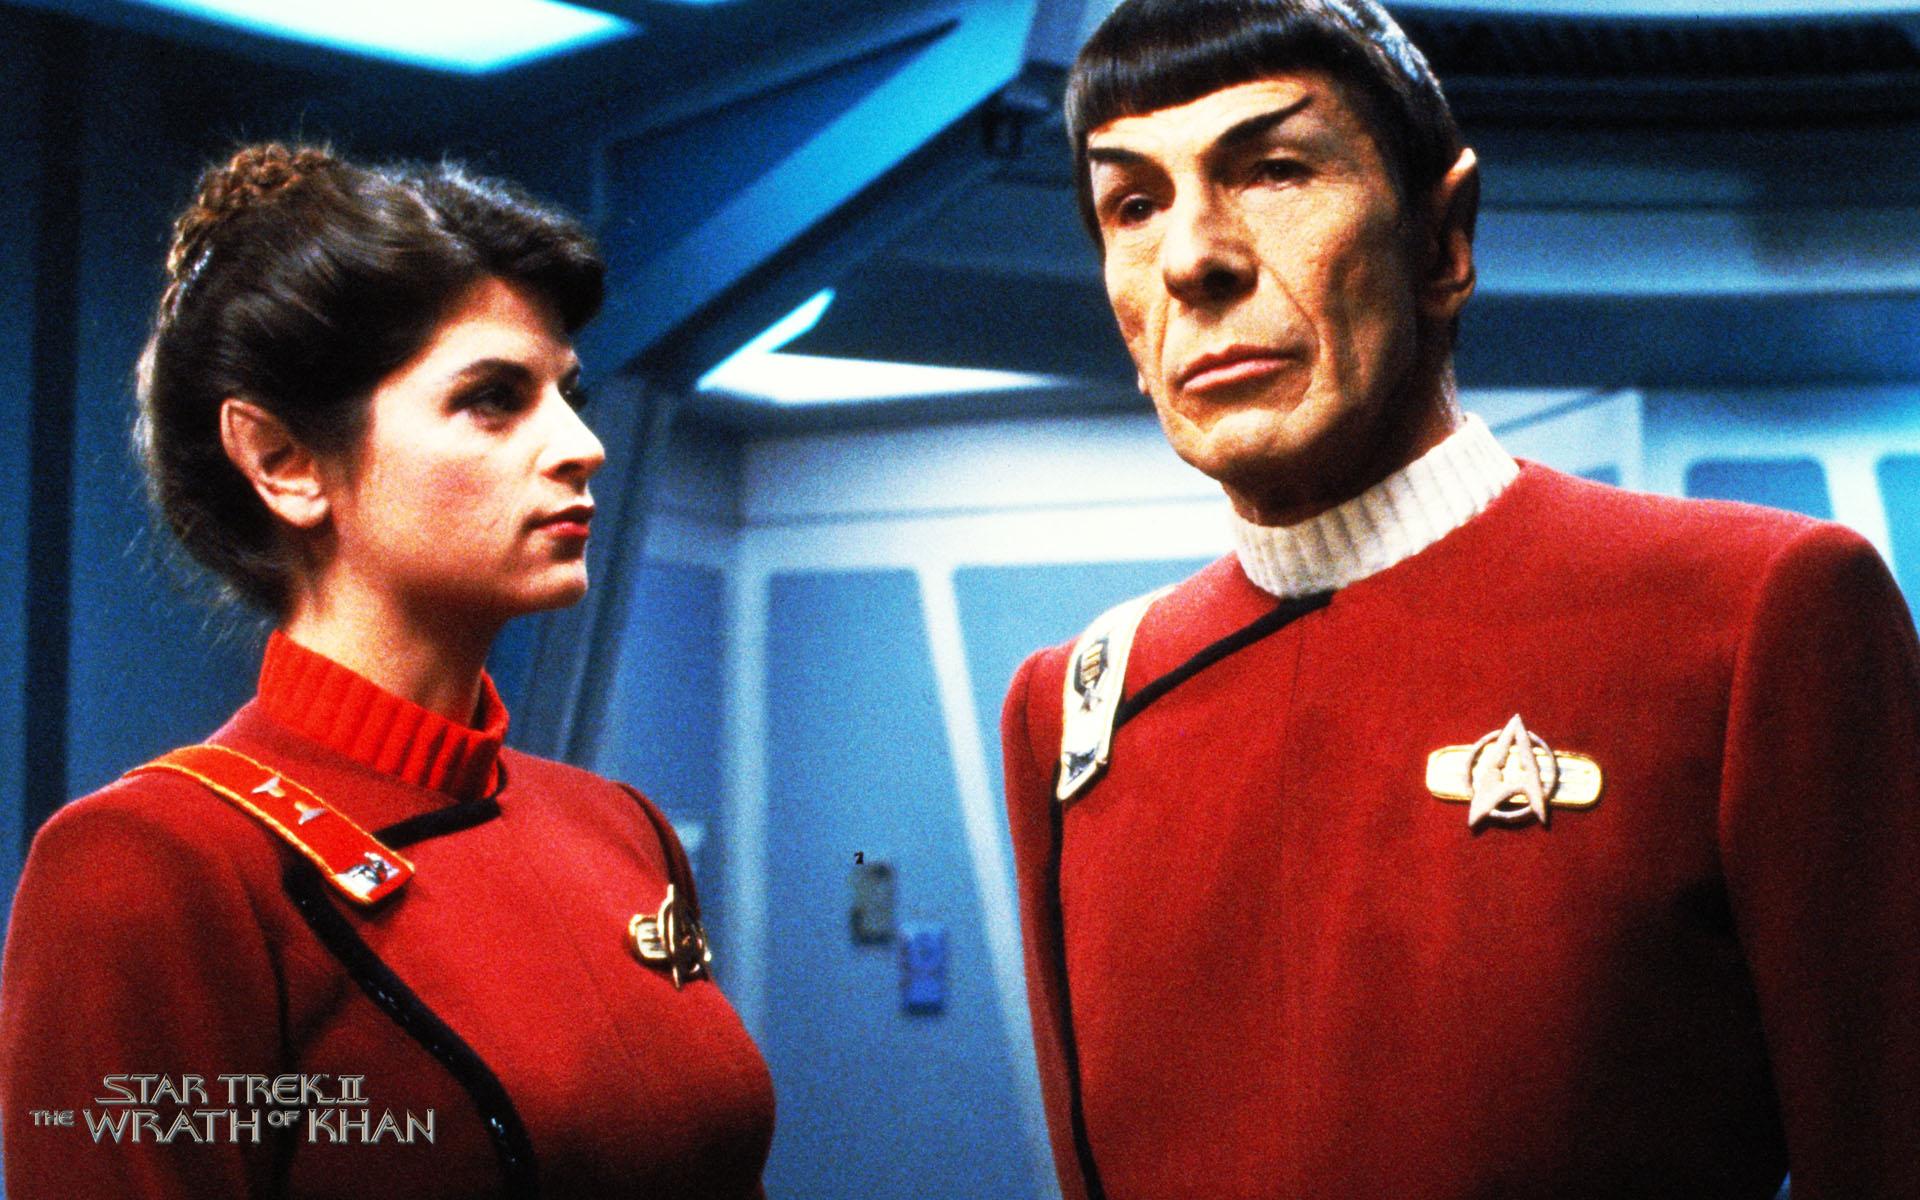 HQ Star Trek II: The Wrath Of Khan Wallpapers | File 443.34Kb